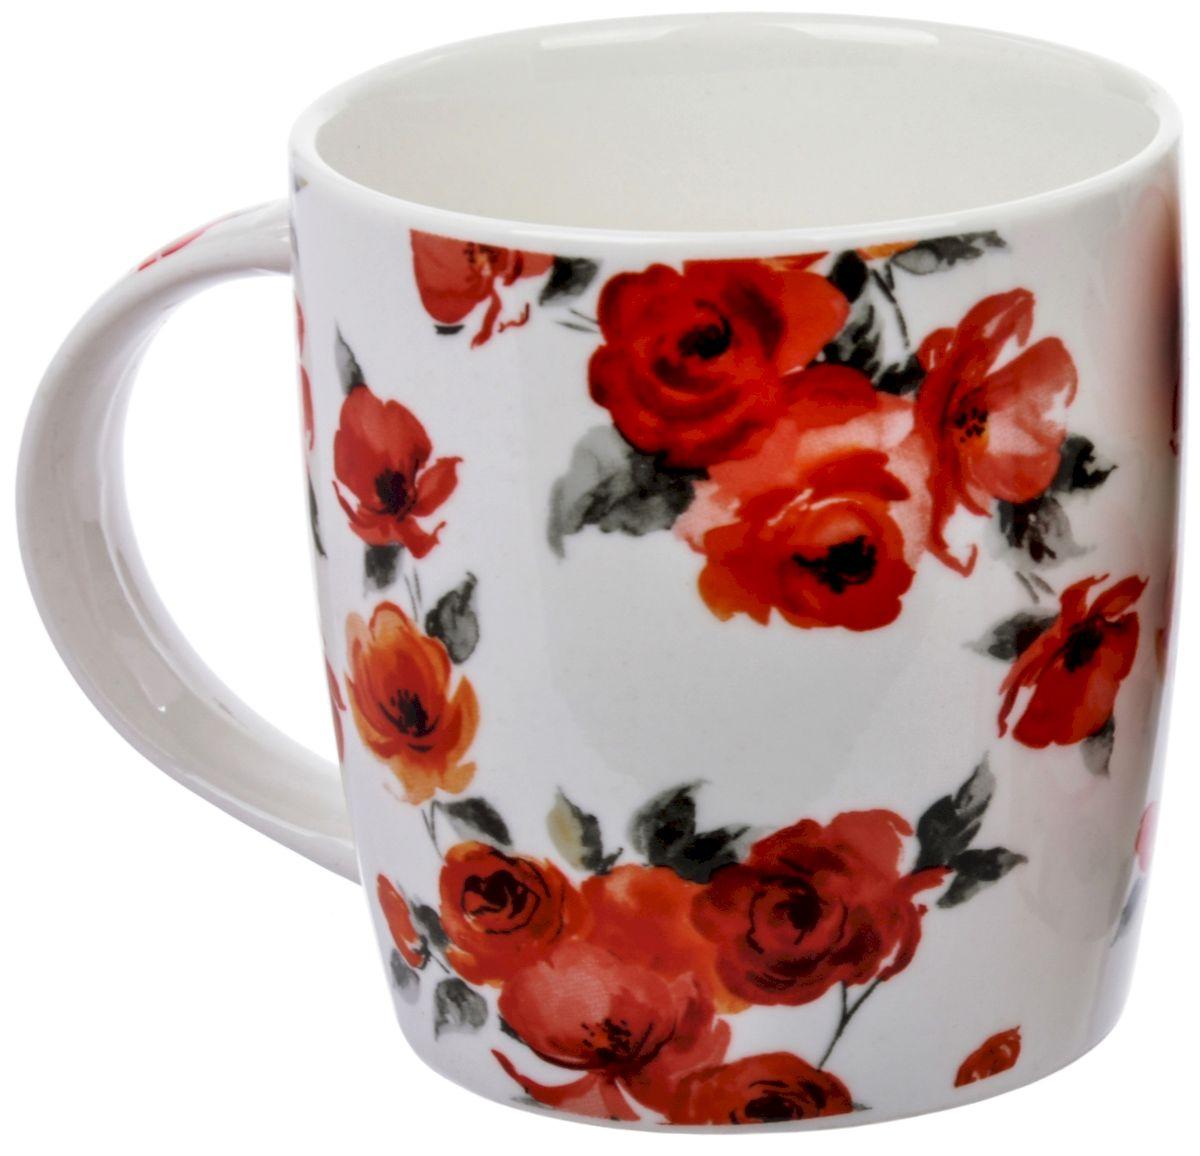 Кружка Liling Quanhu Роза, 355 млLQB35-H0328Благодаря стойким подглазурным деколям и безопасным краскам кружки LQ можно использовать в СВЧ и мыть в ПММ.